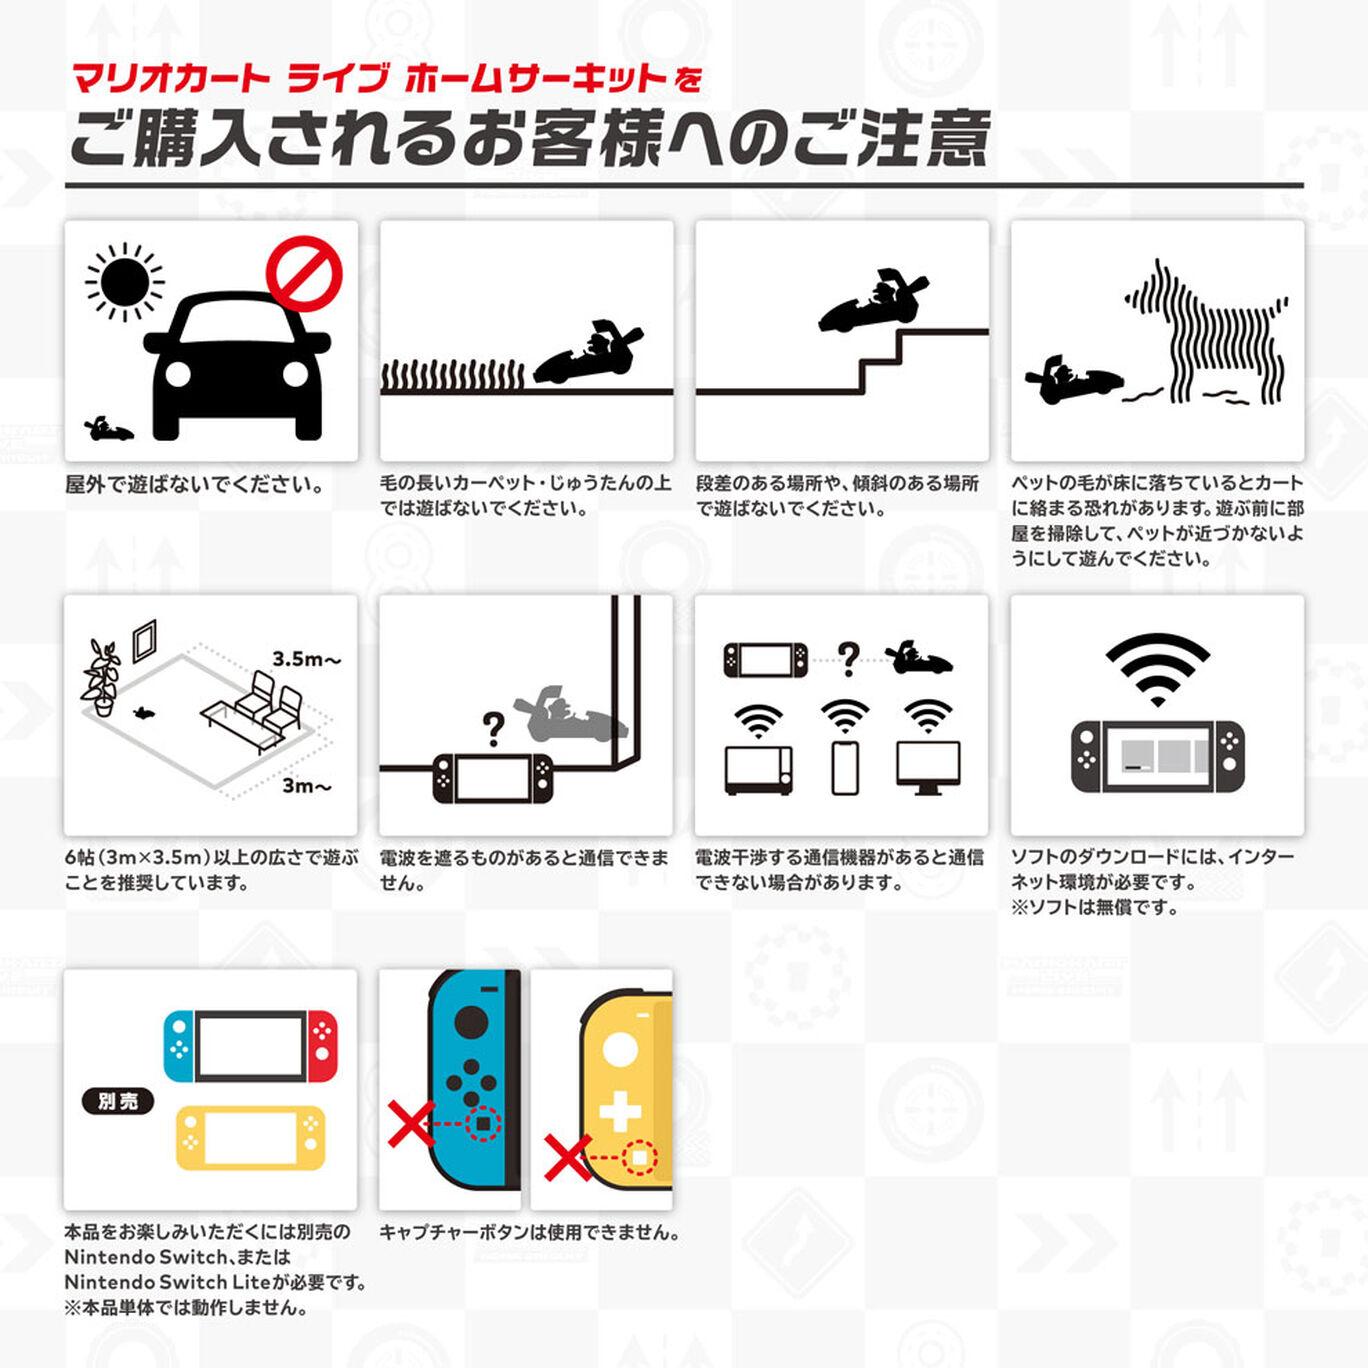 マリオカート ライブ ホームサーキット ルイージセット パッケージ版 ...